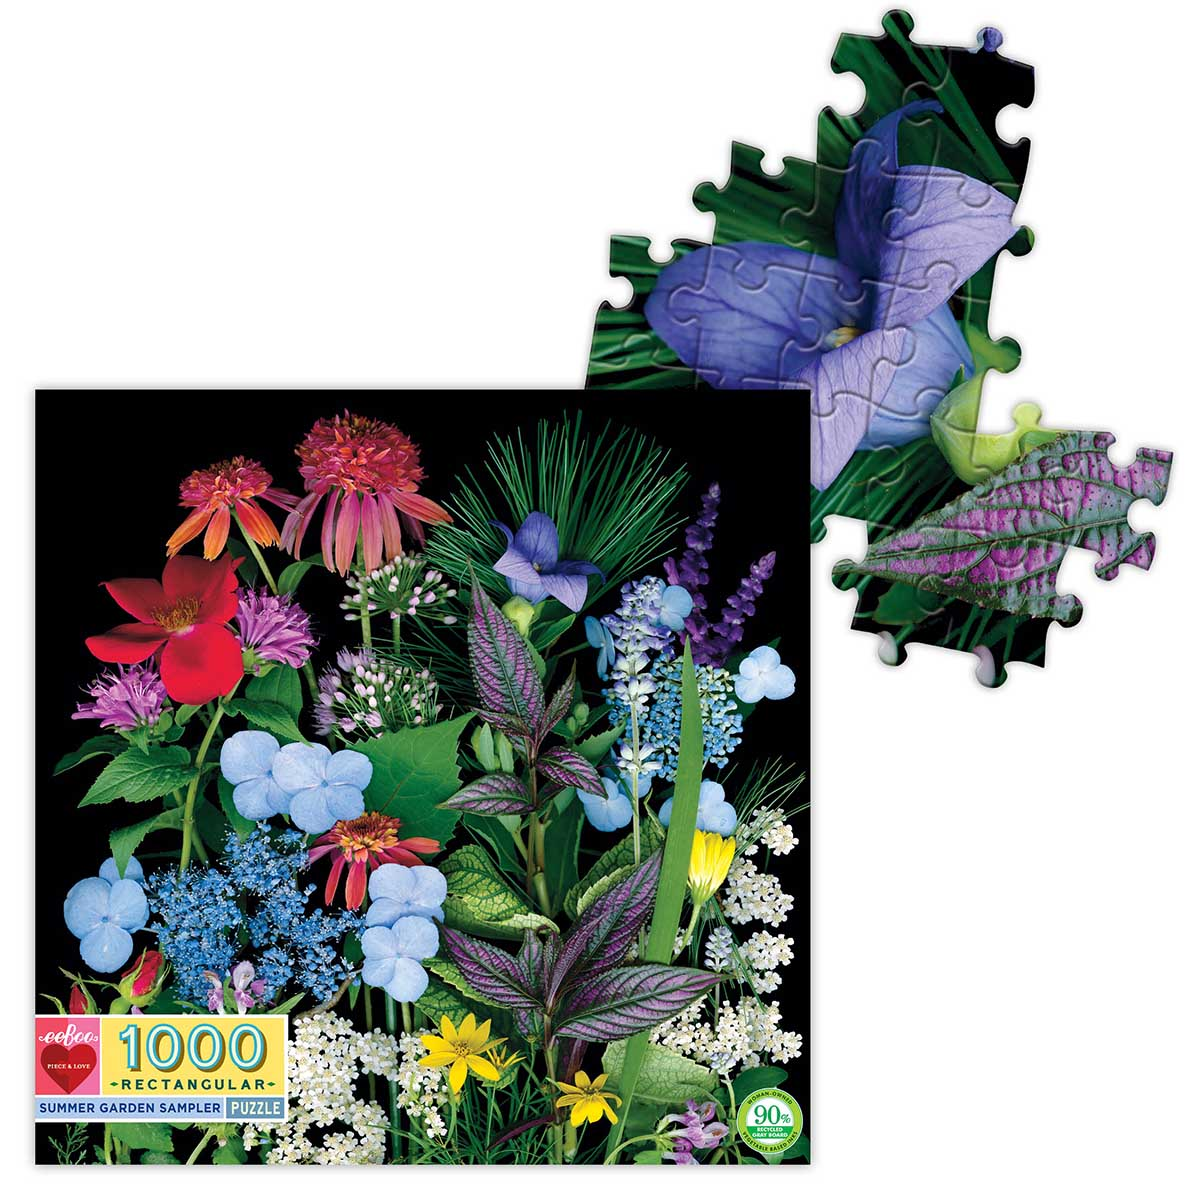 Summer Garden Sampler Summer Jigsaw Puzzle